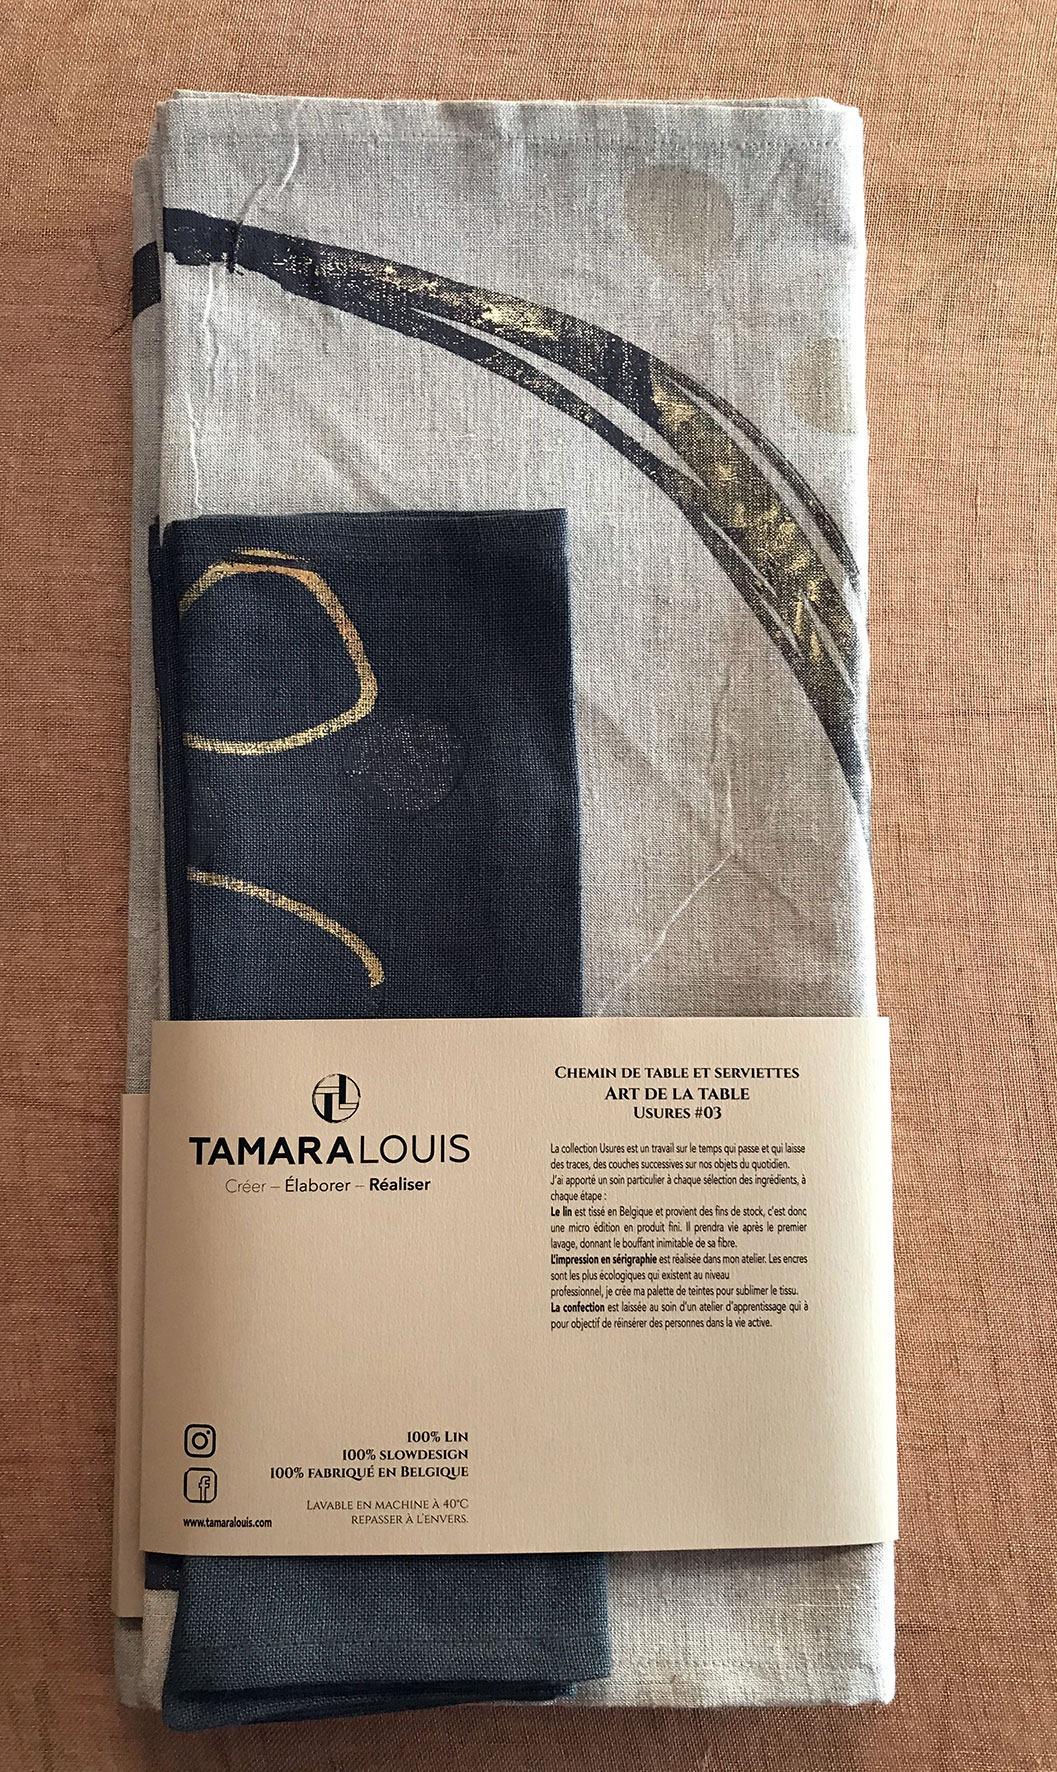 Chemin de table et serviettes (2 personnes) en lin belge - teinte sésame / Usures#03 * Tamara Louis Sérigraphie